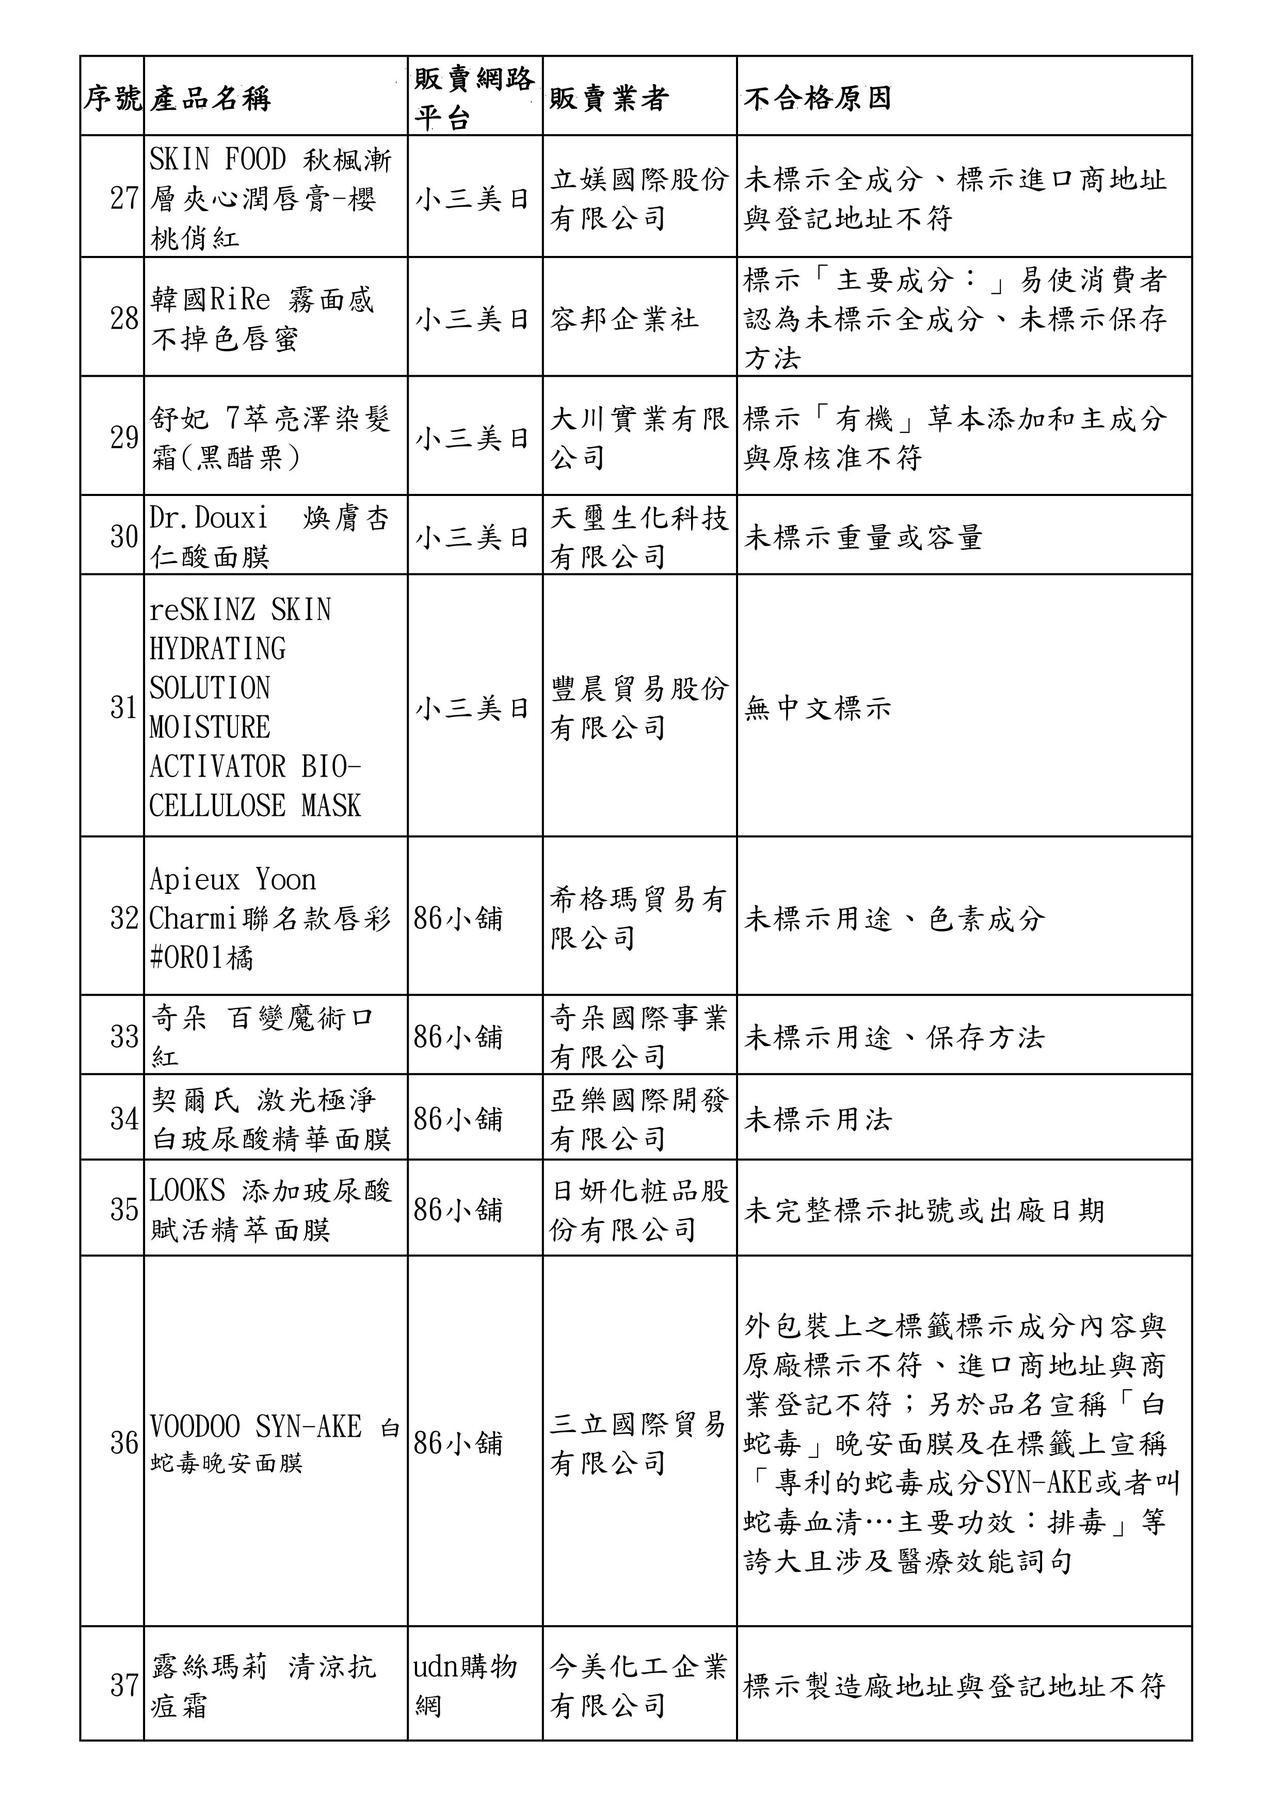 107年度網購化粧品查核結果不合格產品清單,第三頁。圖/衛福部食藥署提供